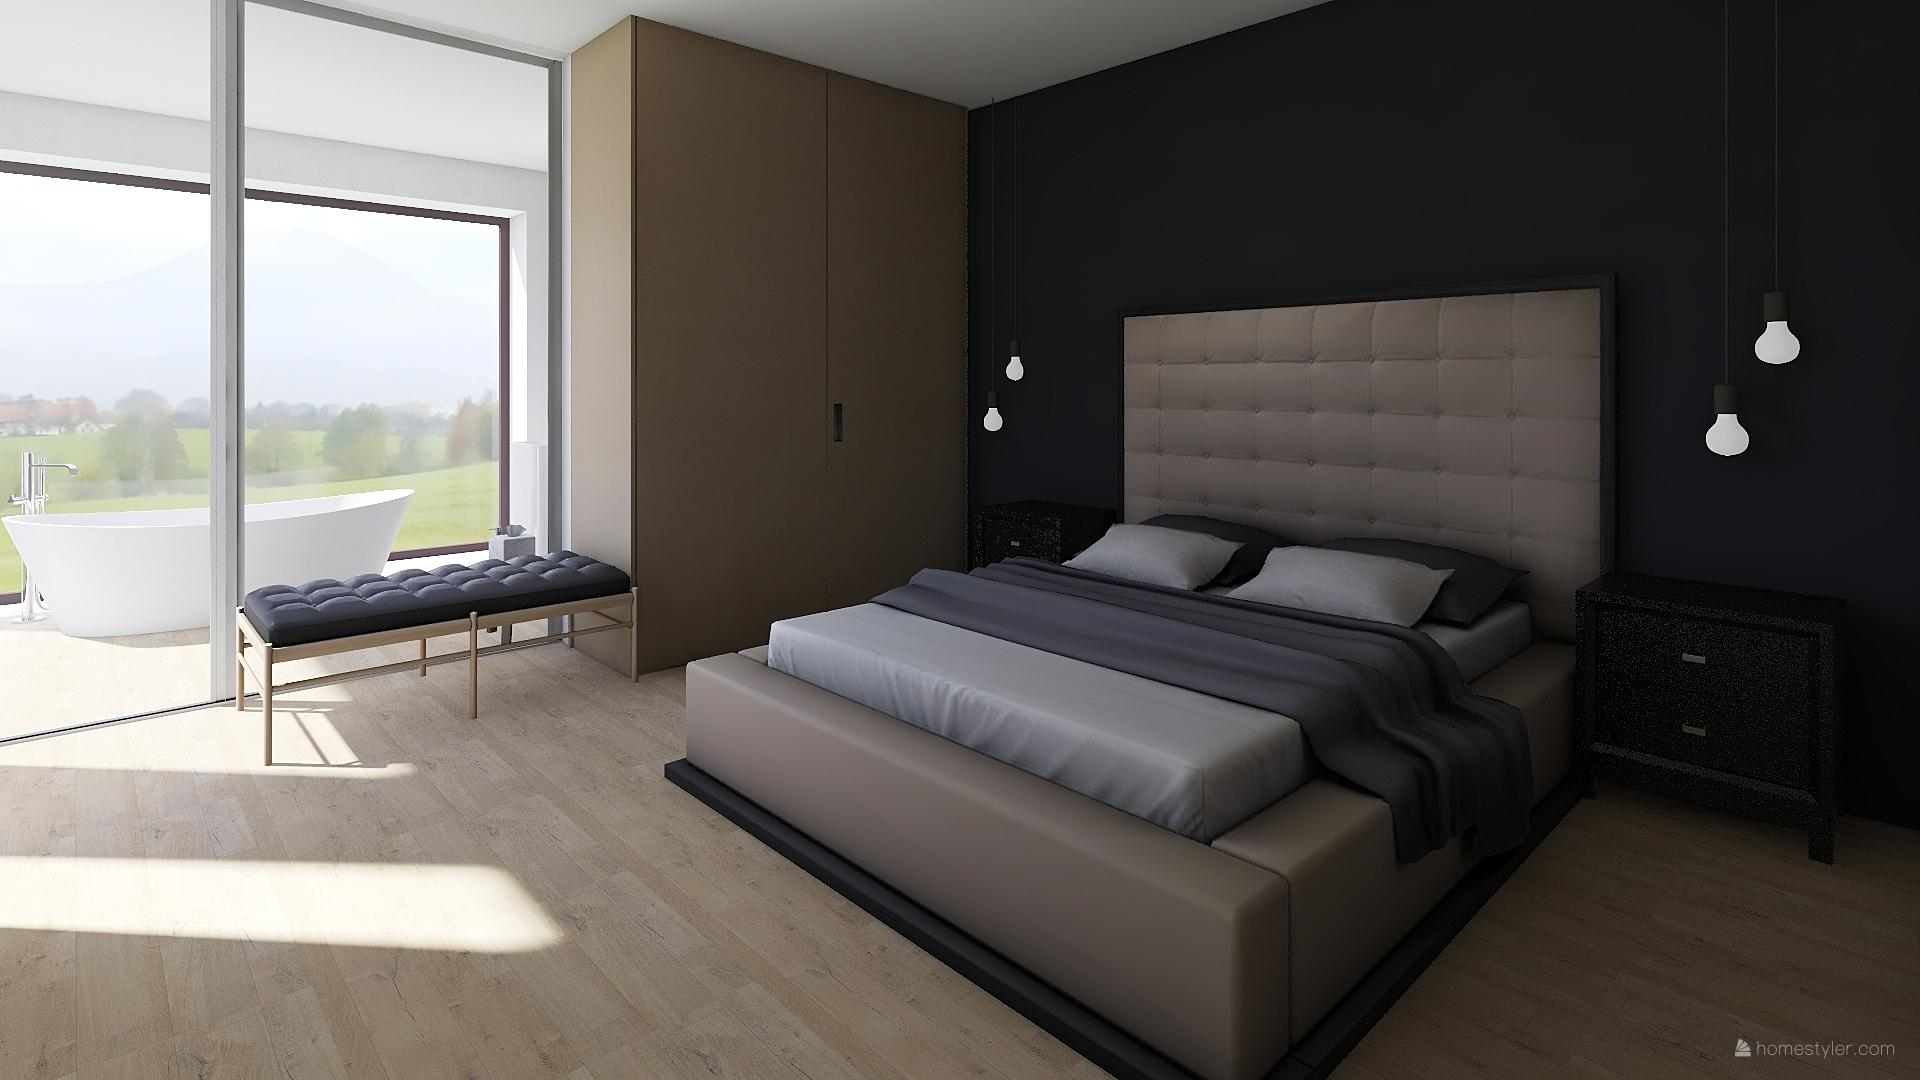 Mé dokonale nedokonalé vizualizace našeho budoucího domu - Ložnice s vysněným typem postele mého manžela :-)